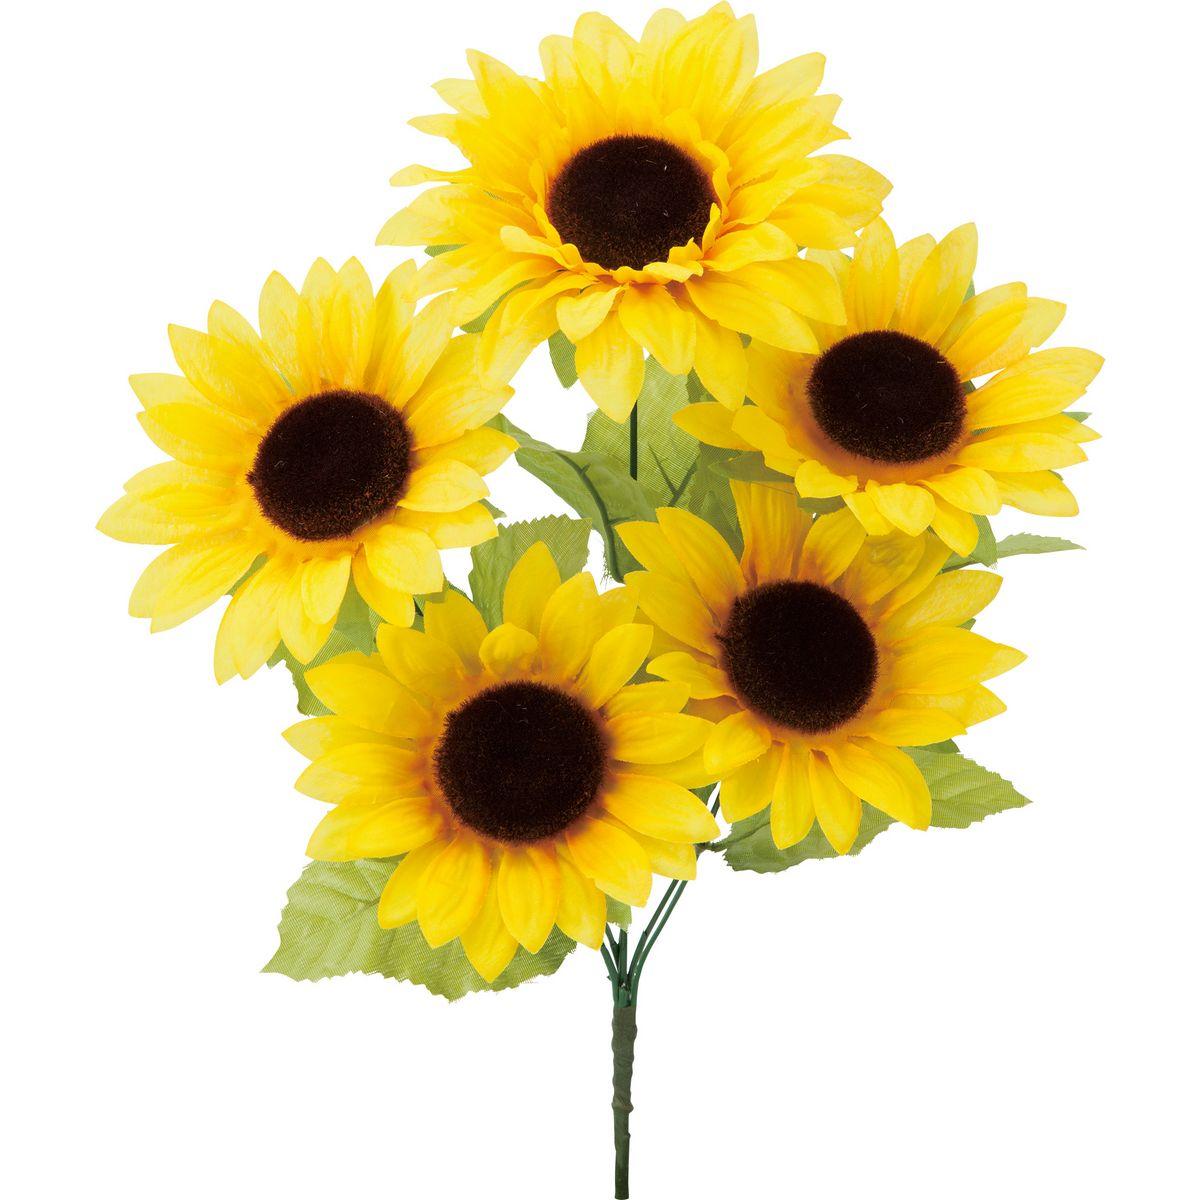 即日 【造花】YDM/ヒマワリブッシュ イエロー/FS-8302-Y《 造花(アーティフィシャルフラワー) 造花 花材「は行」 ひまわり 》